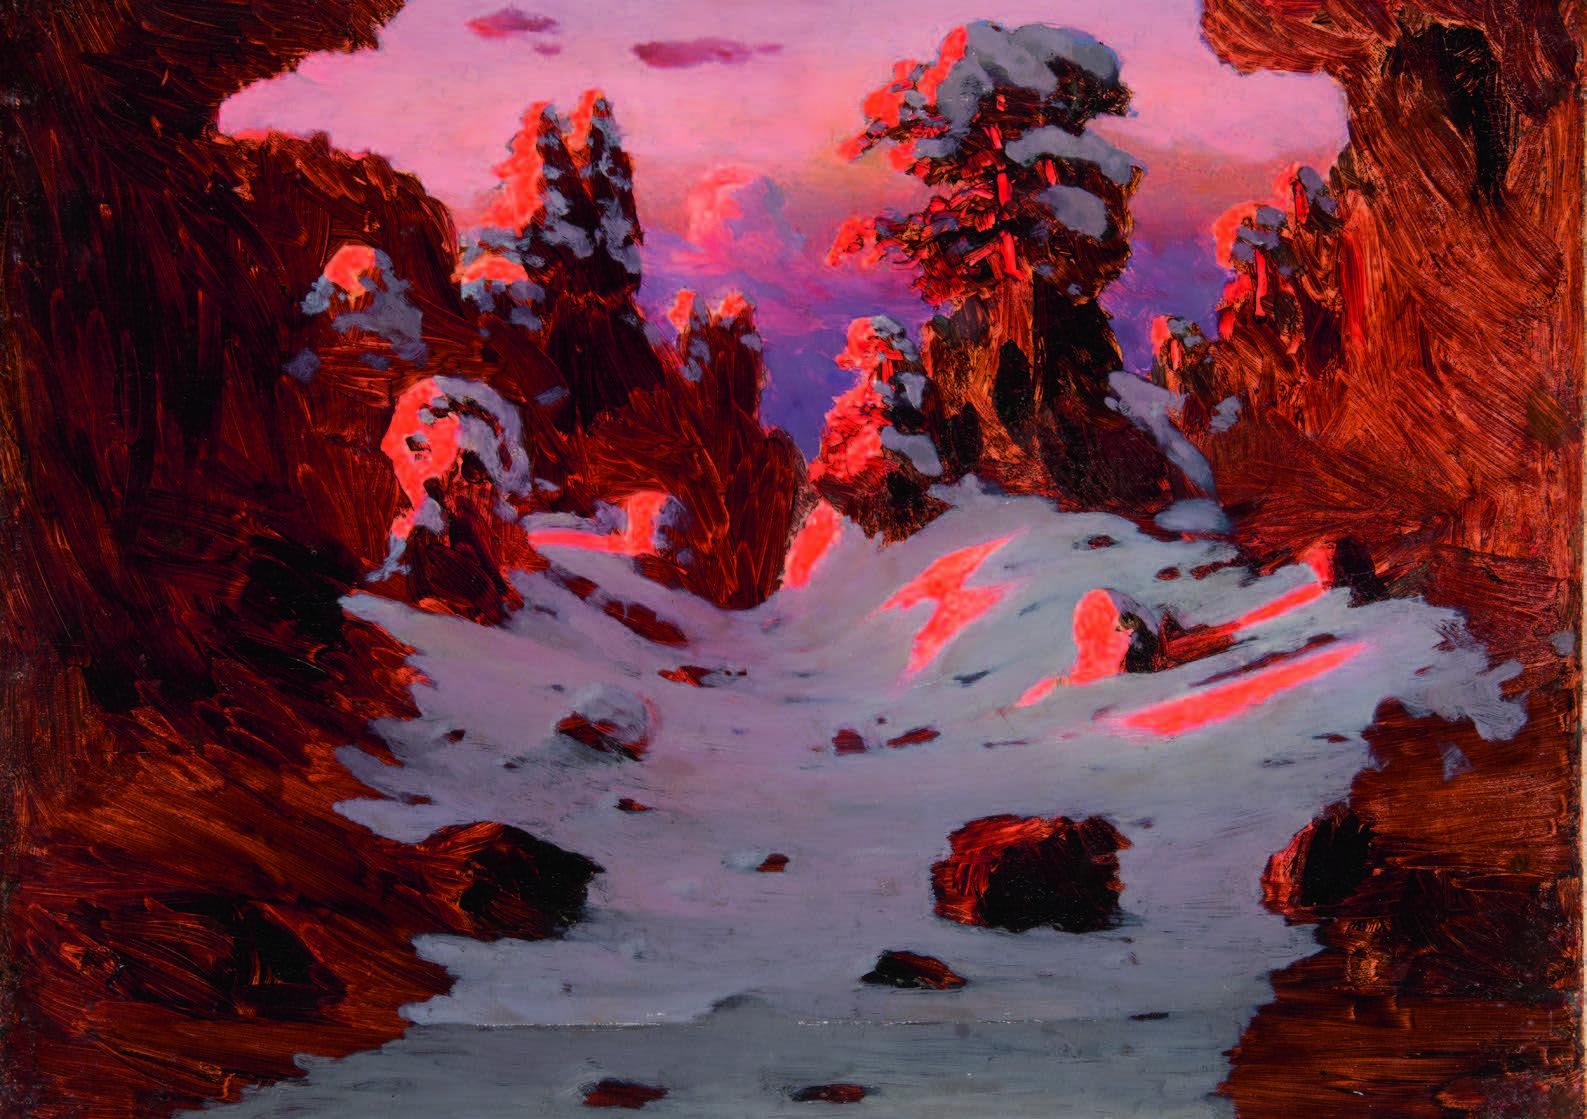 arkhip-kuindzhi-effect-van-een-zonsondergang